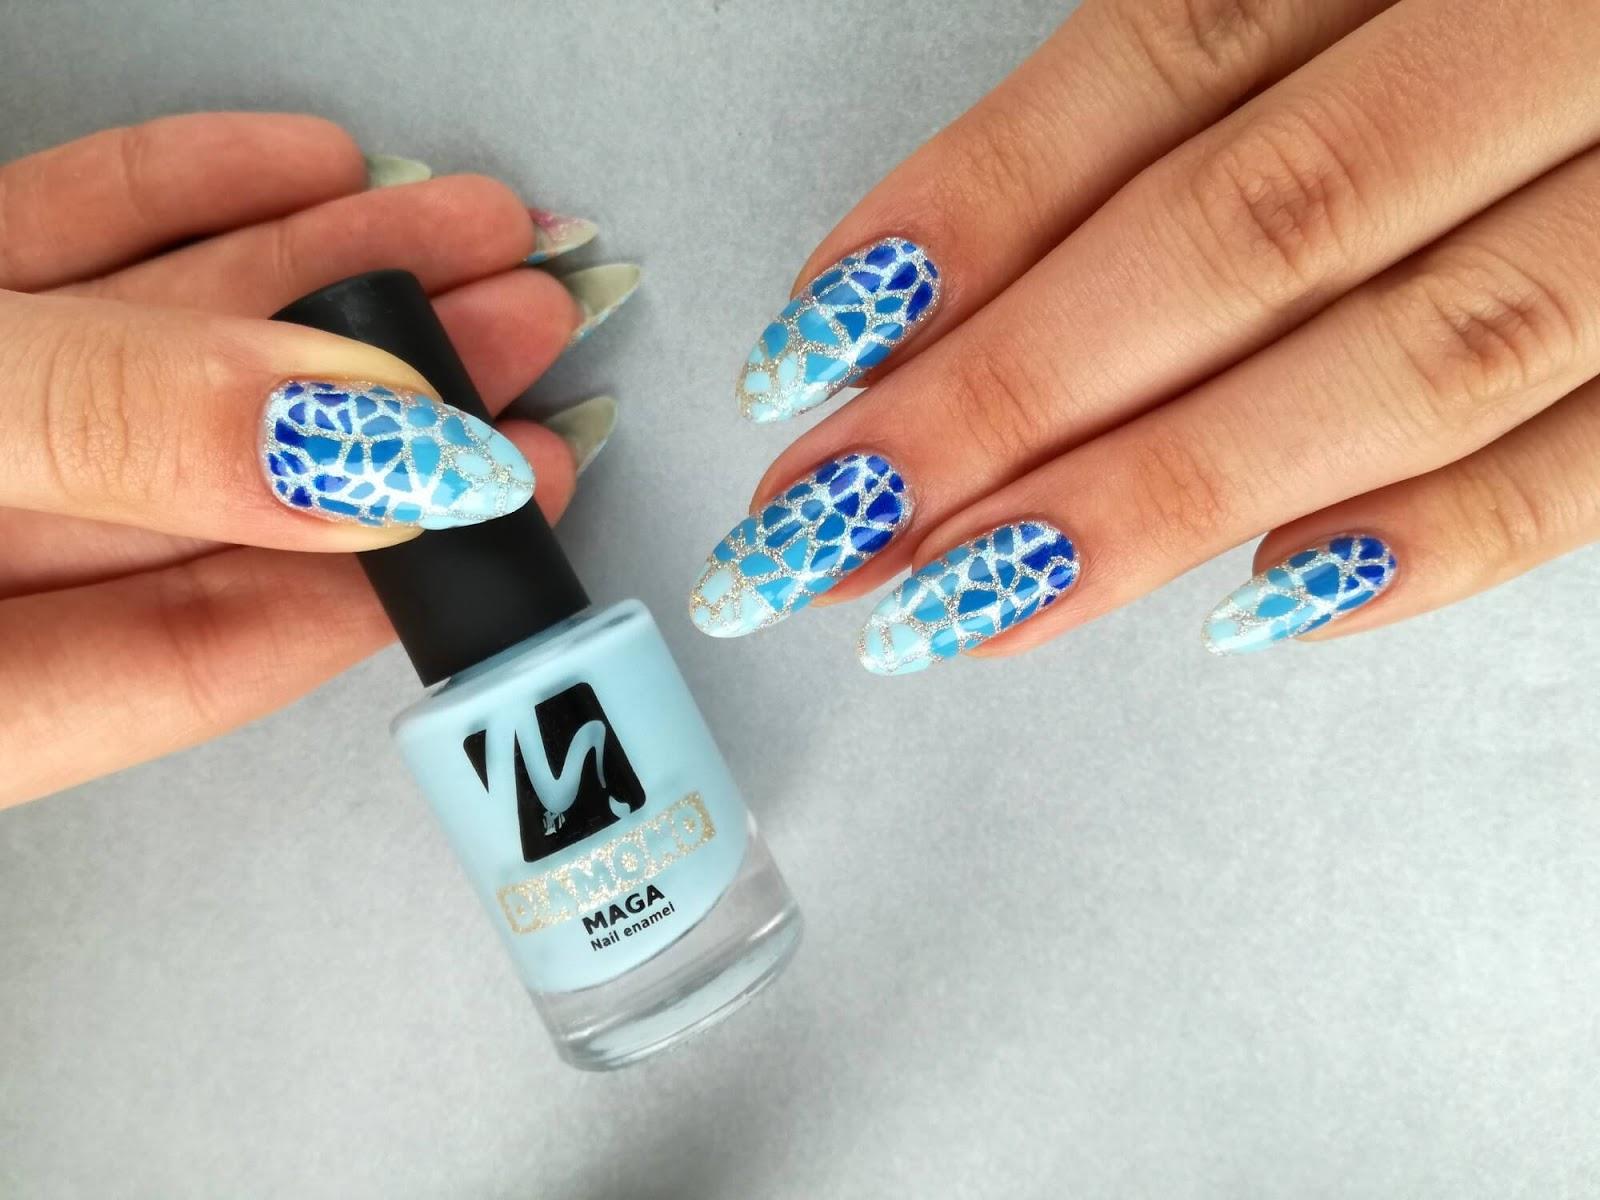 niebieskie paznokcie z lakierem Maga